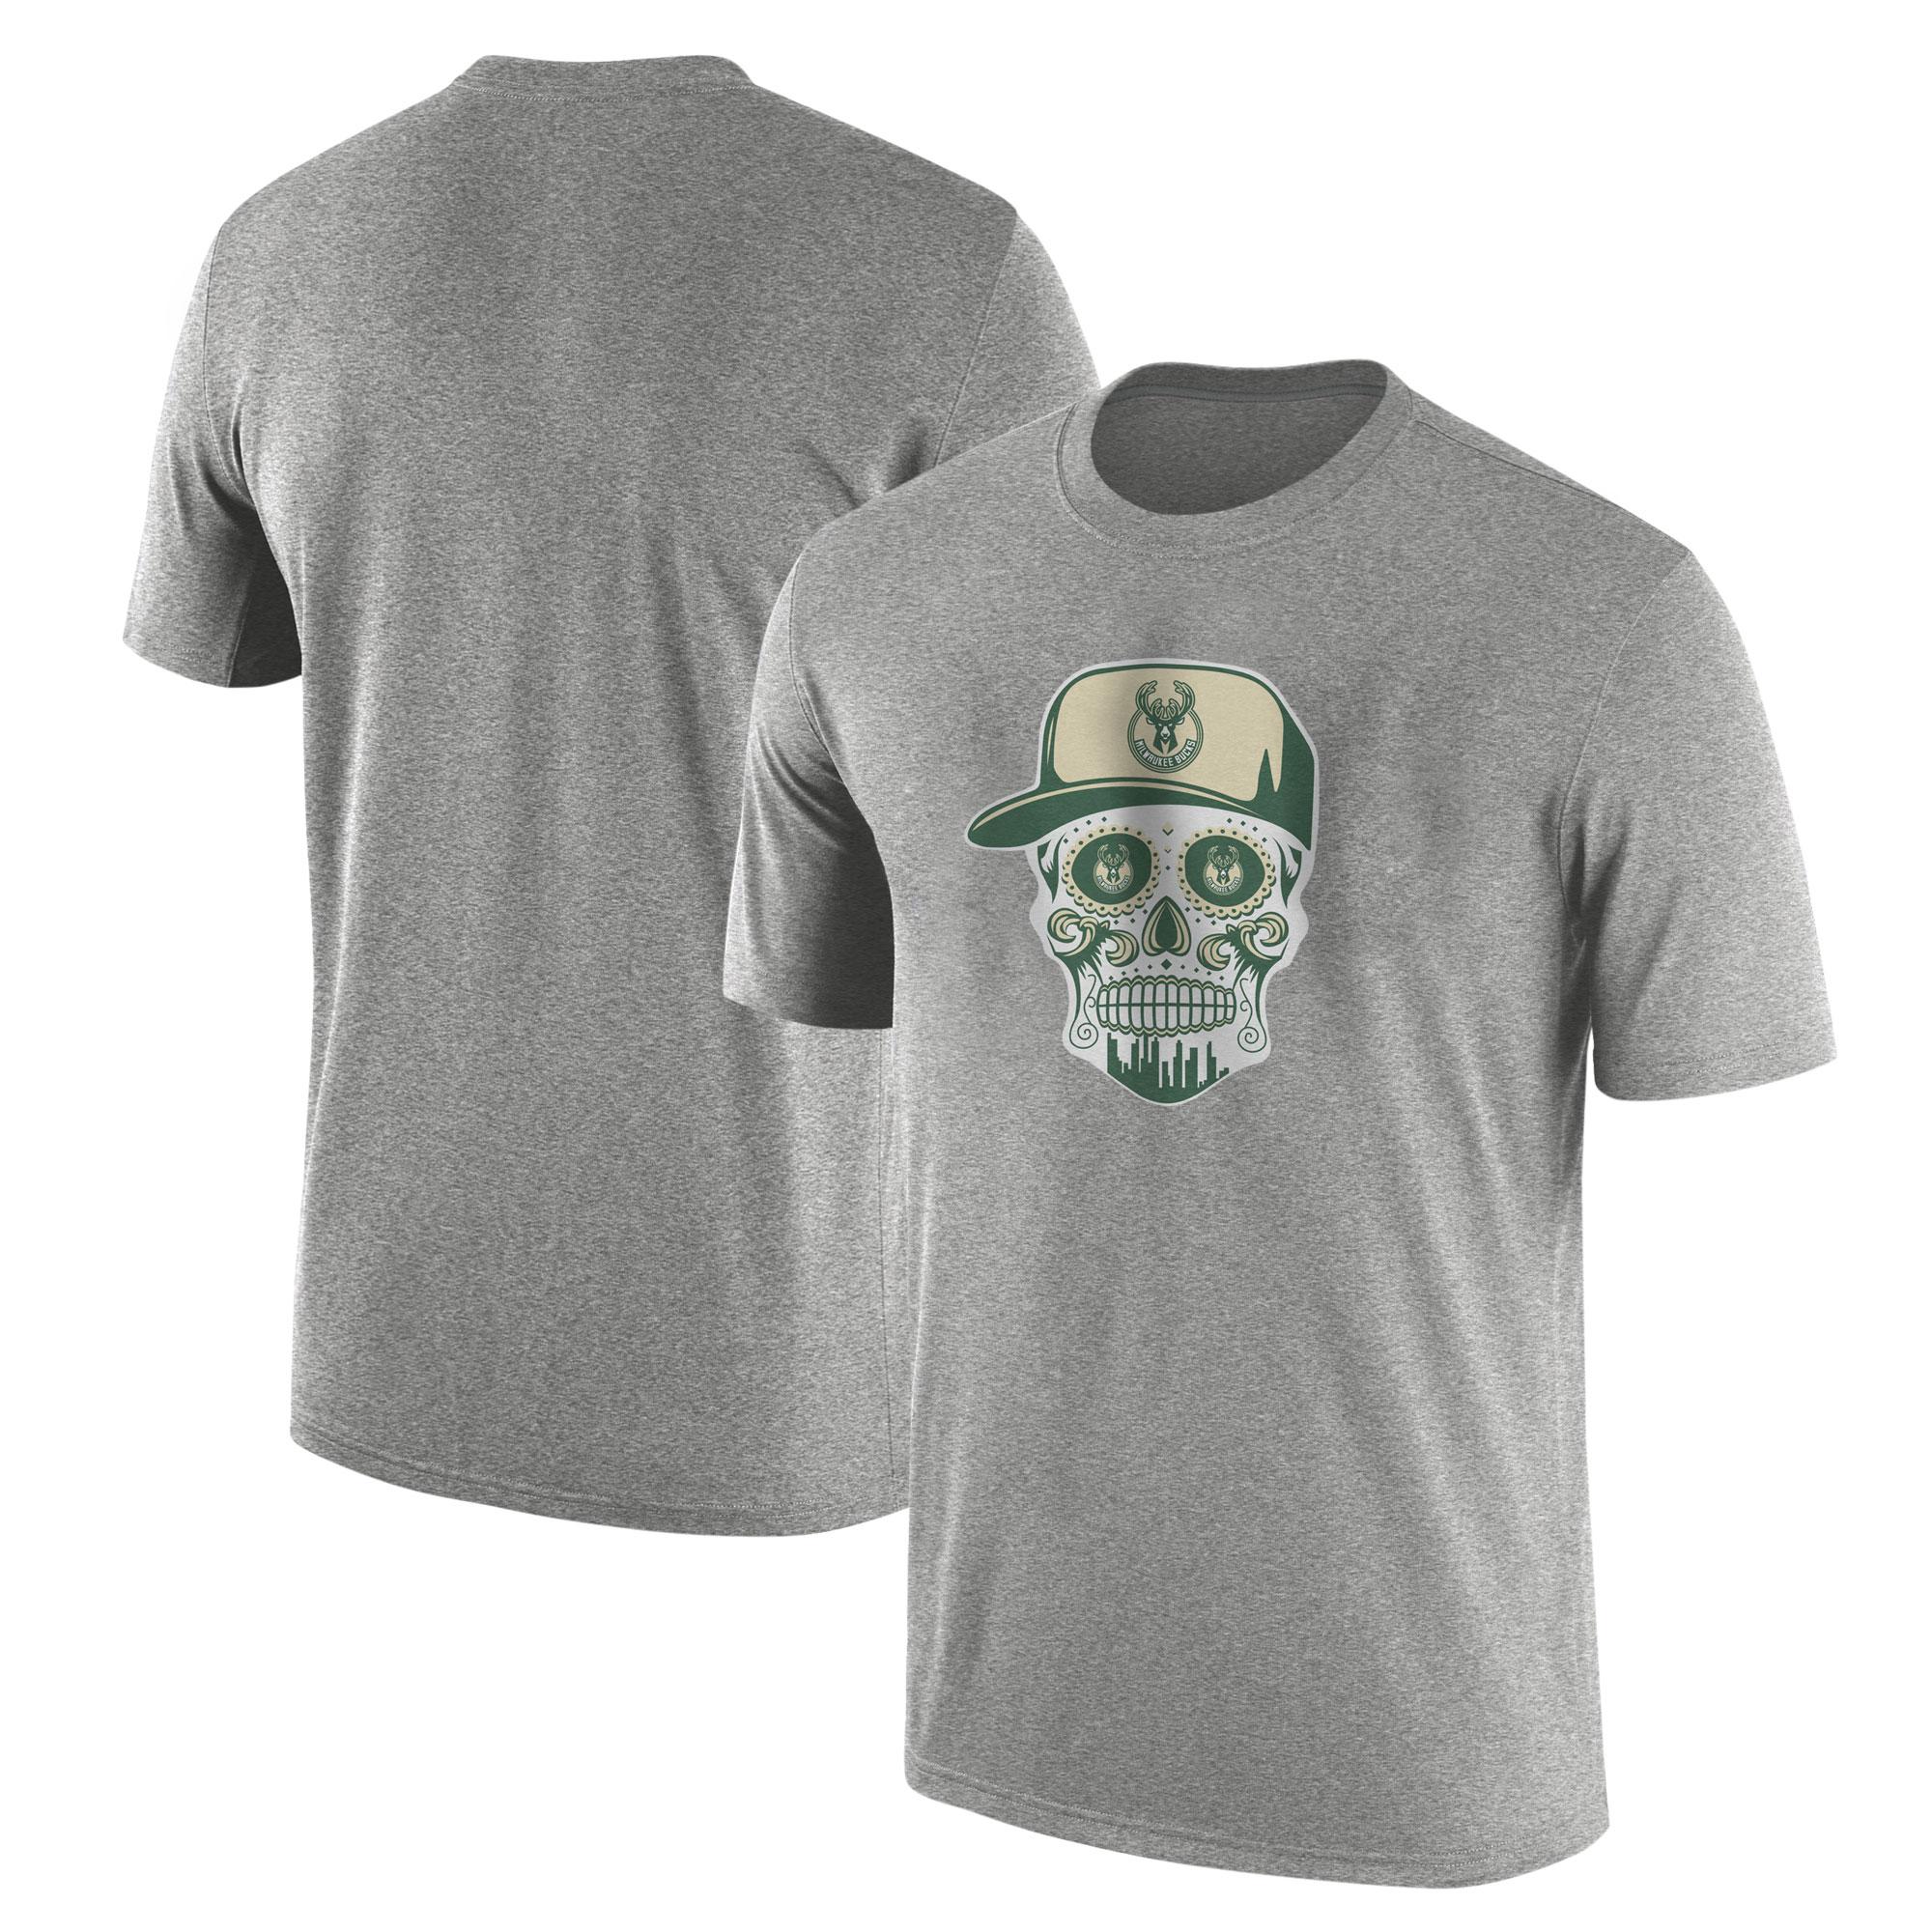 Milwaukee Bucks Tshirt (TSH-GRY-NP-446-NBA-BUCKS-SKULL)